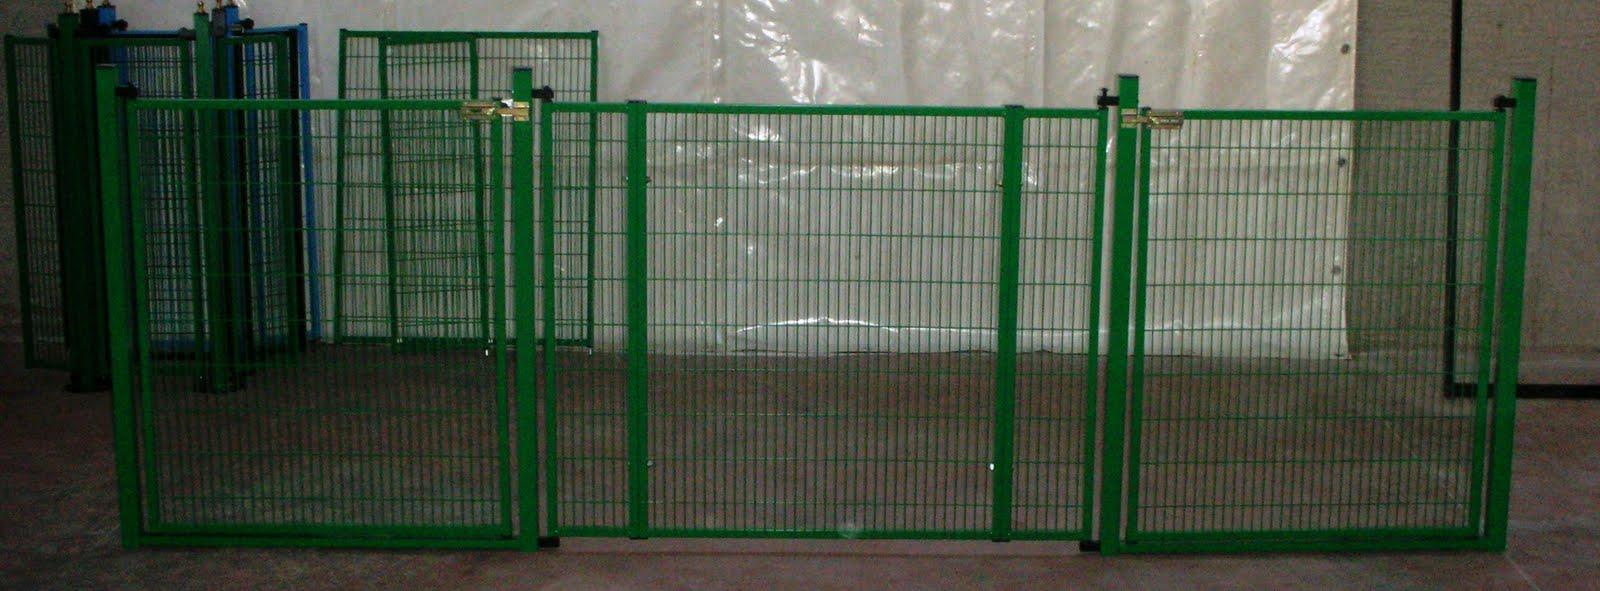 Recinzioni modulari recinzioni modulari for Altezza recinzione per cani